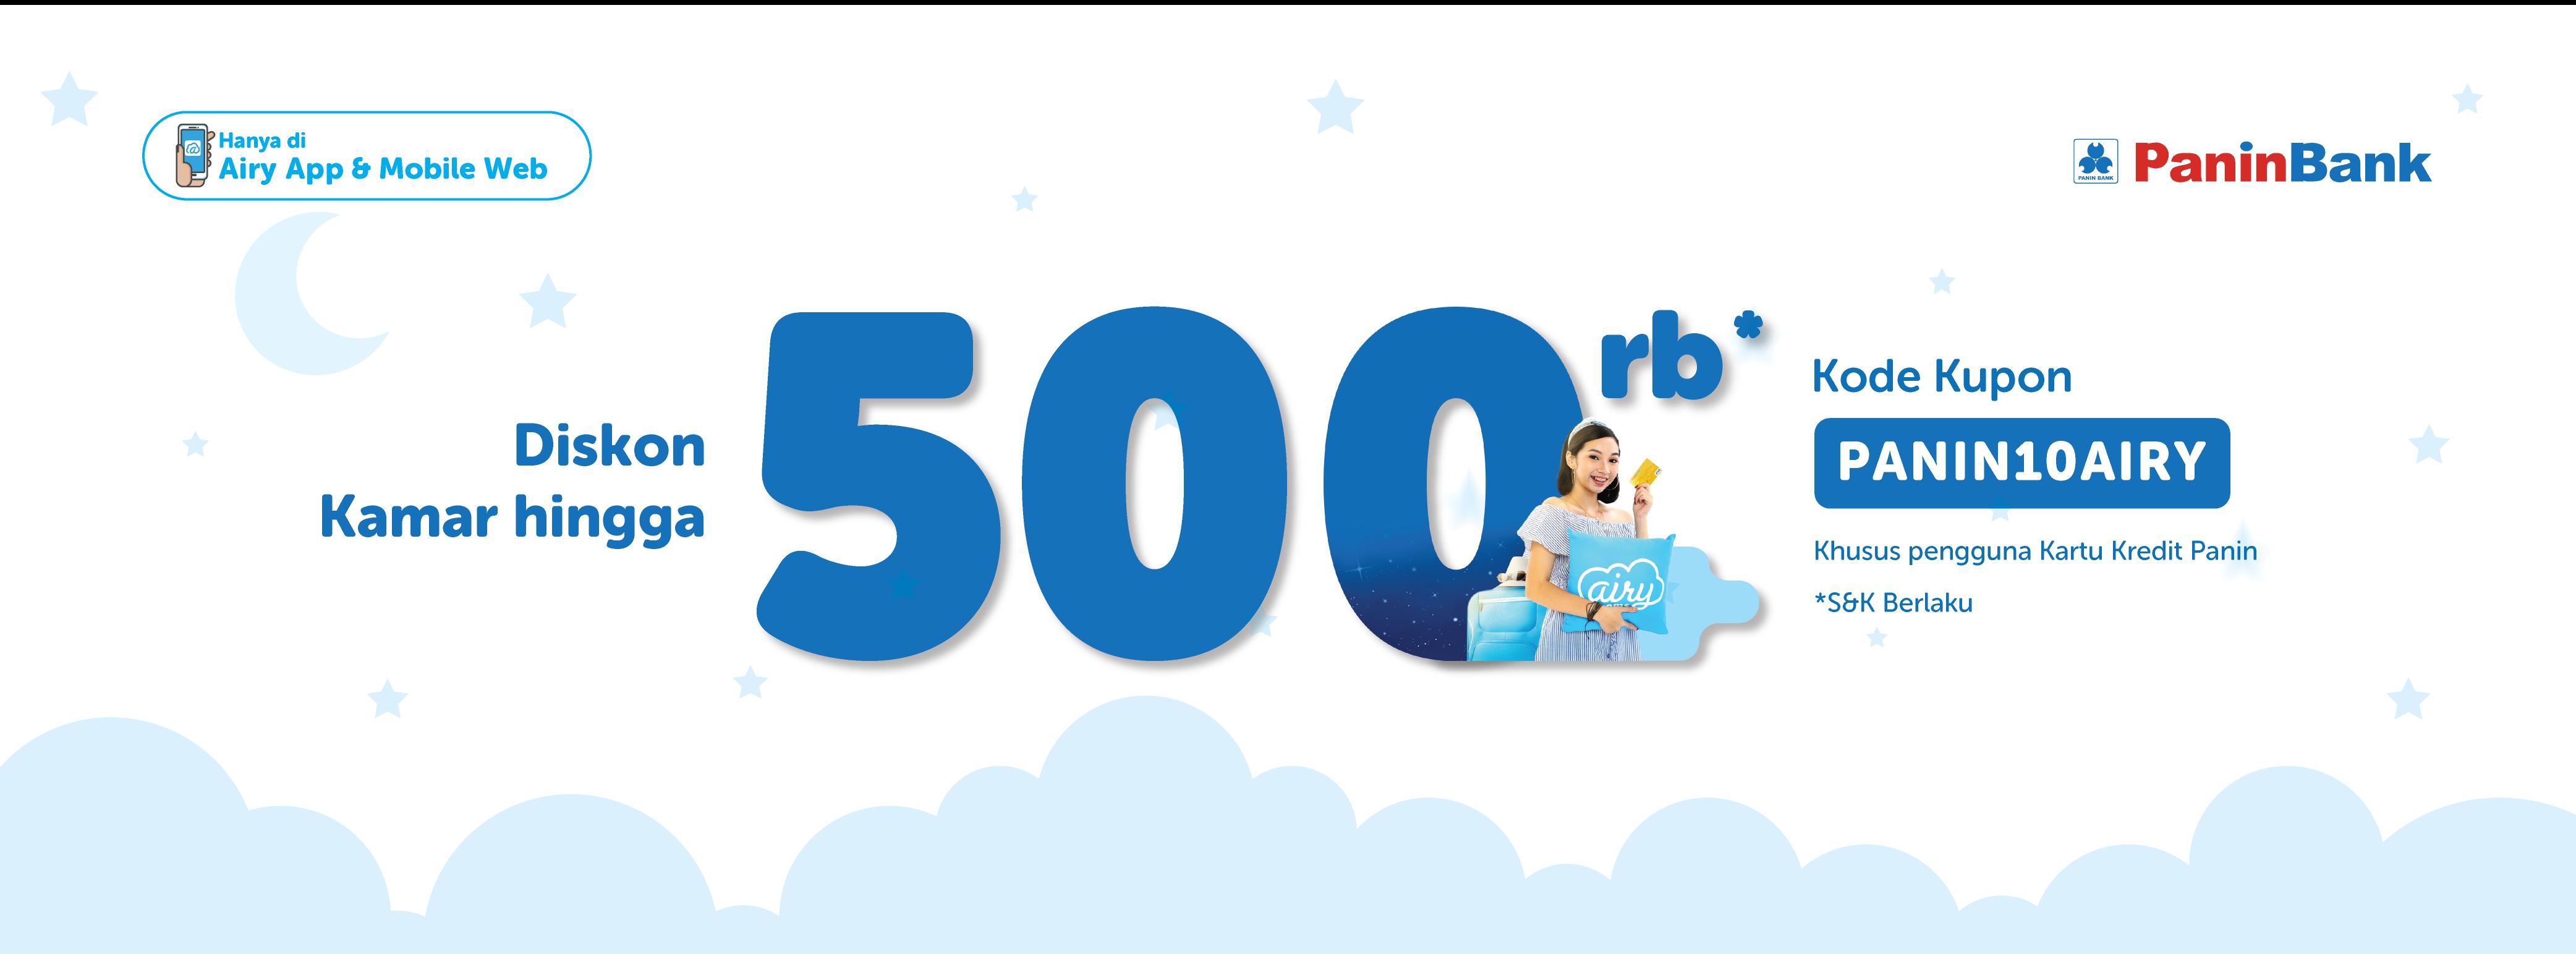 Kode Promo Diskon Kamar Hingga Rp. 500.000 Kartu Kredit Panin di Airyroom